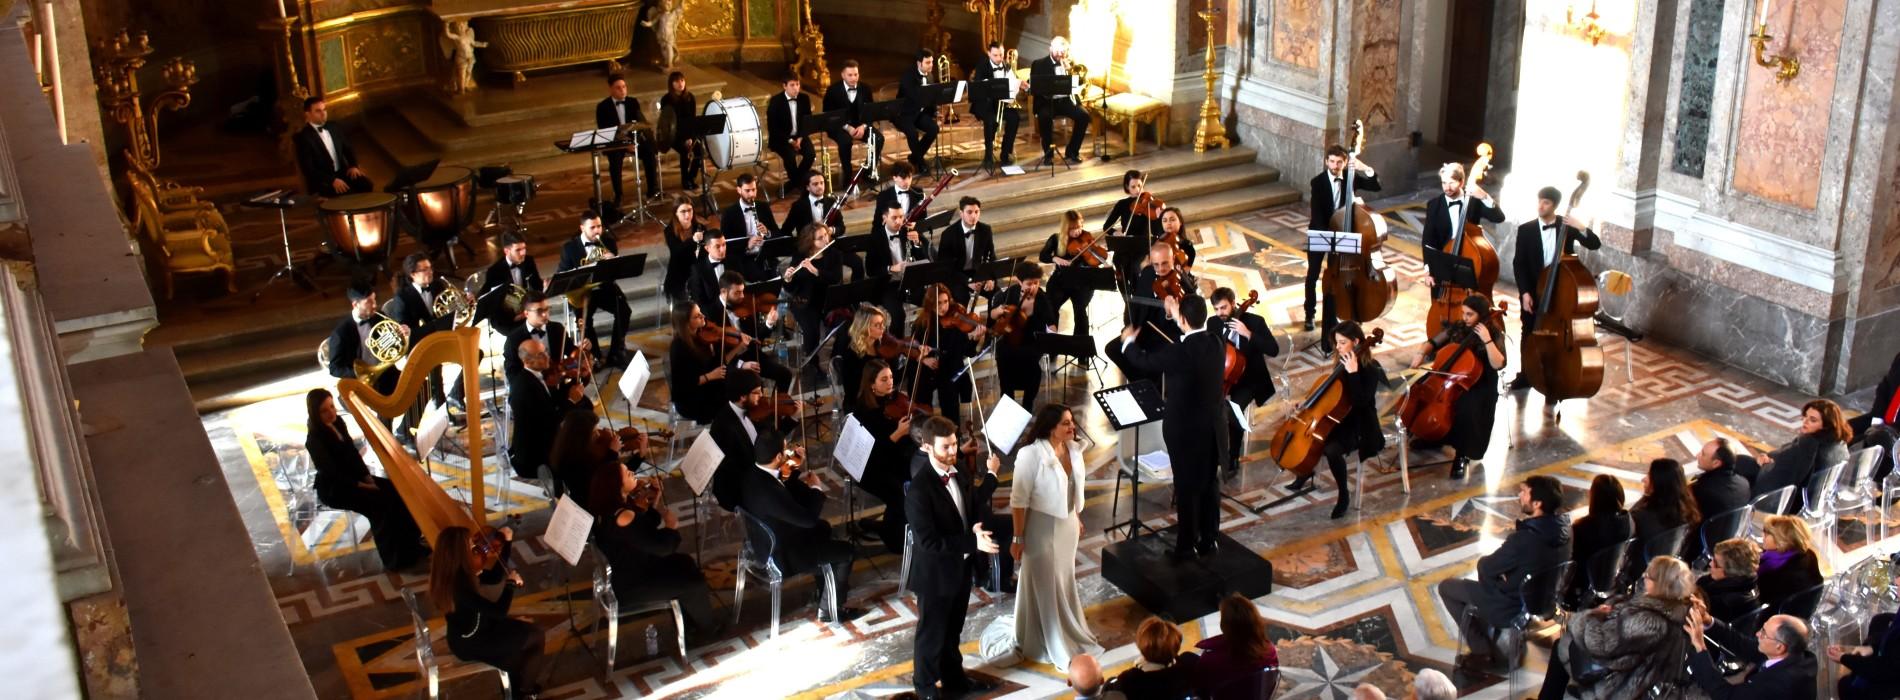 Concerto di Capodanno a Caserta, Cappella Palatina sold out